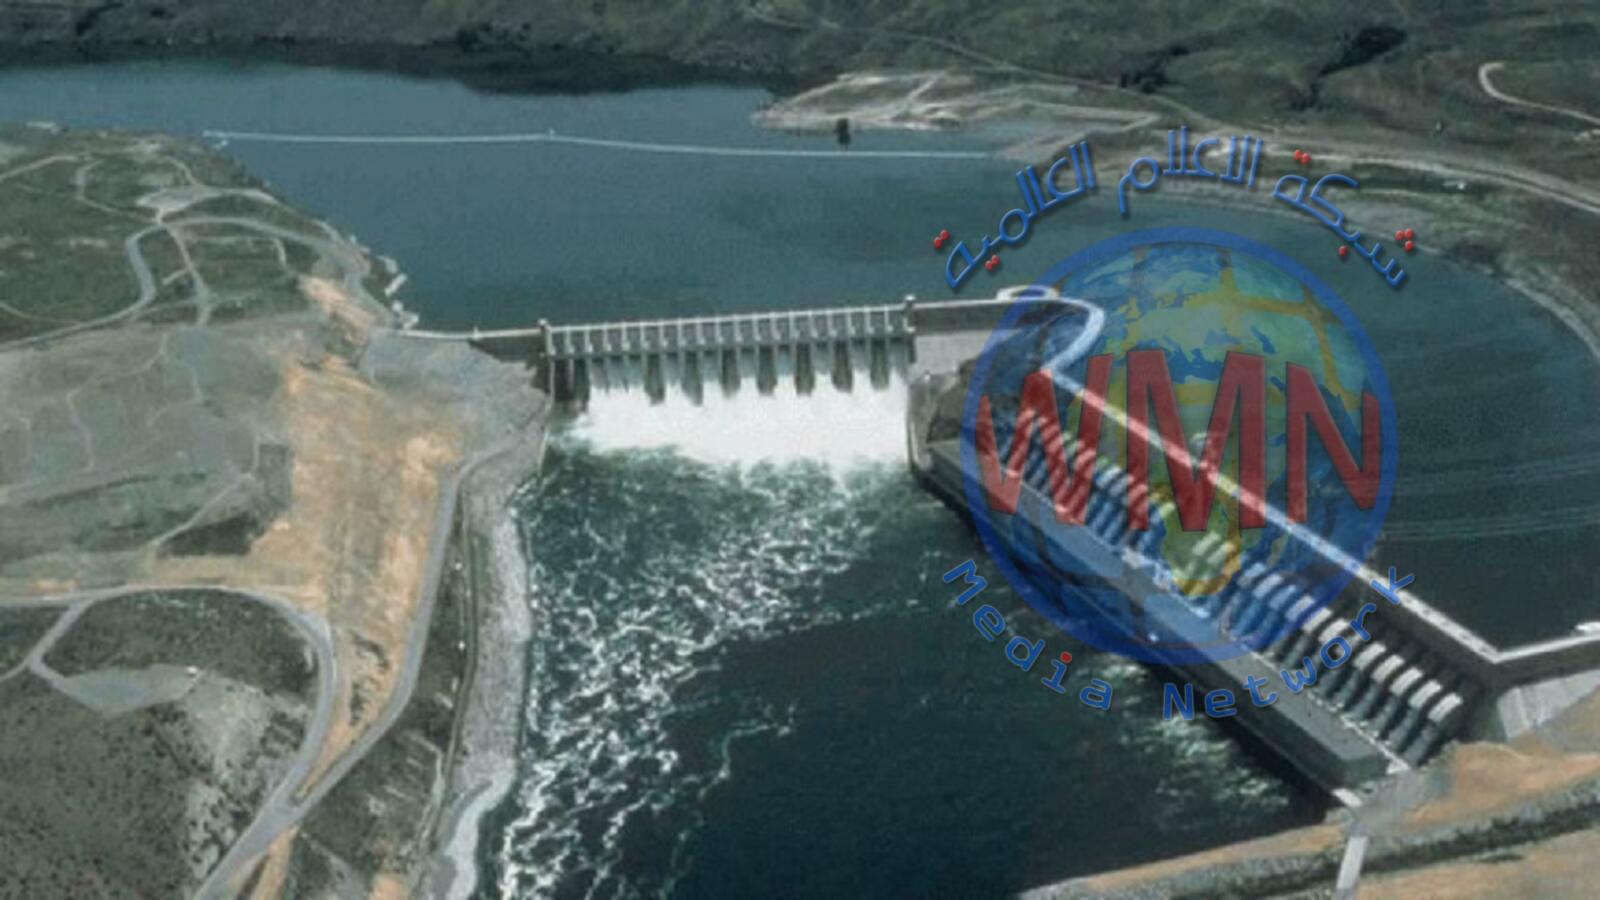 مصر ستضغط على اثيوبيا للقبول بوسيط خارجي في الخلاف حول سد النهضة